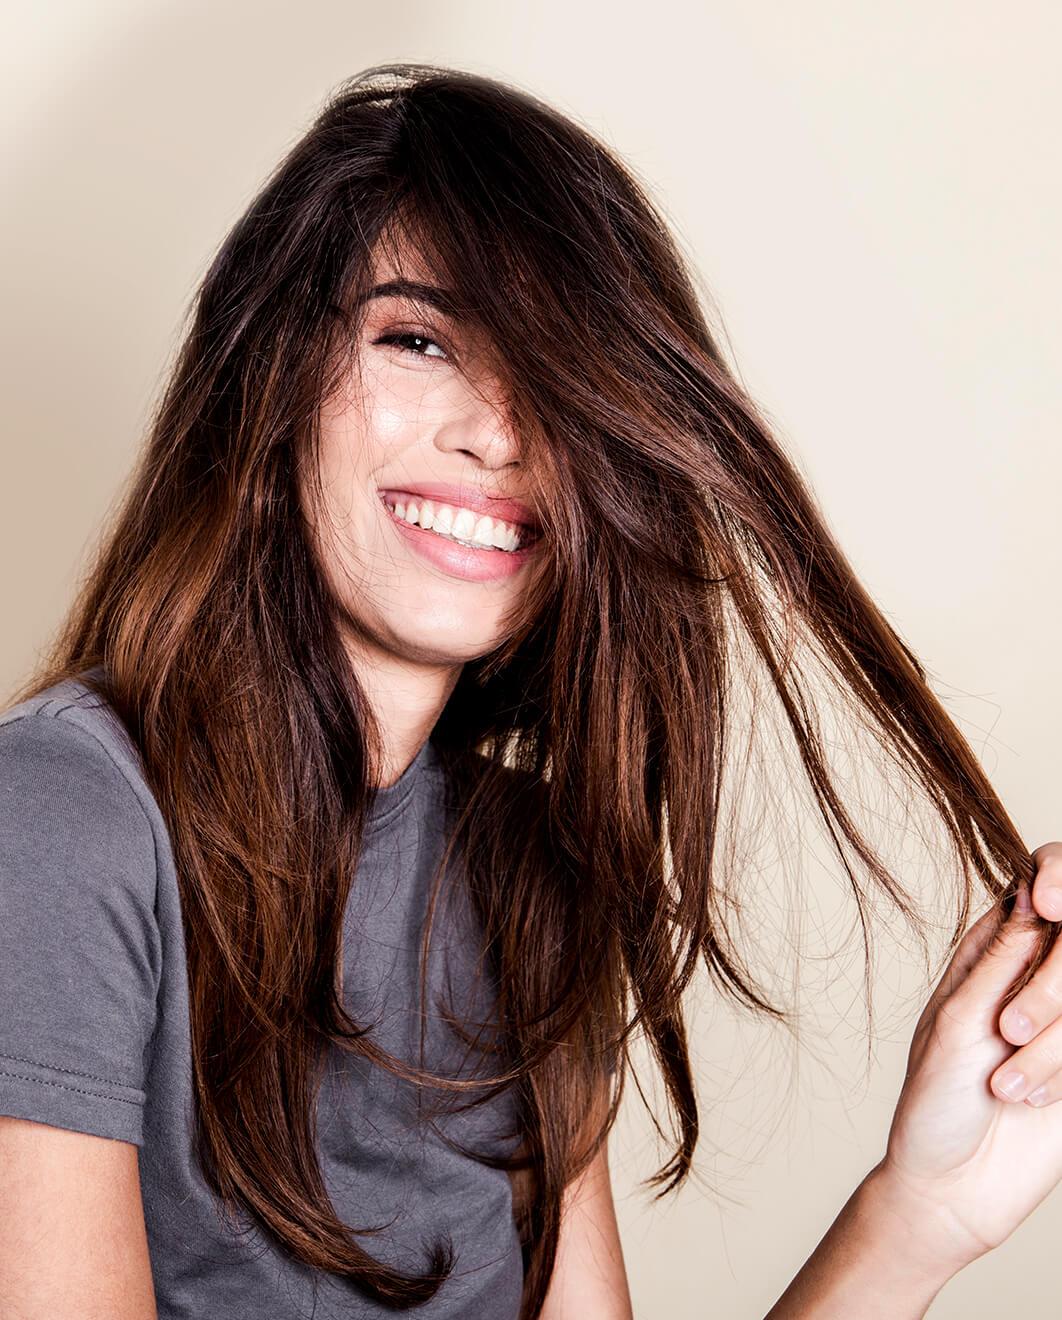 Hair-Growth-Shampoos-Hair-Loss-Shampoos-ensures-hair-scalp-healthy-image.jpg